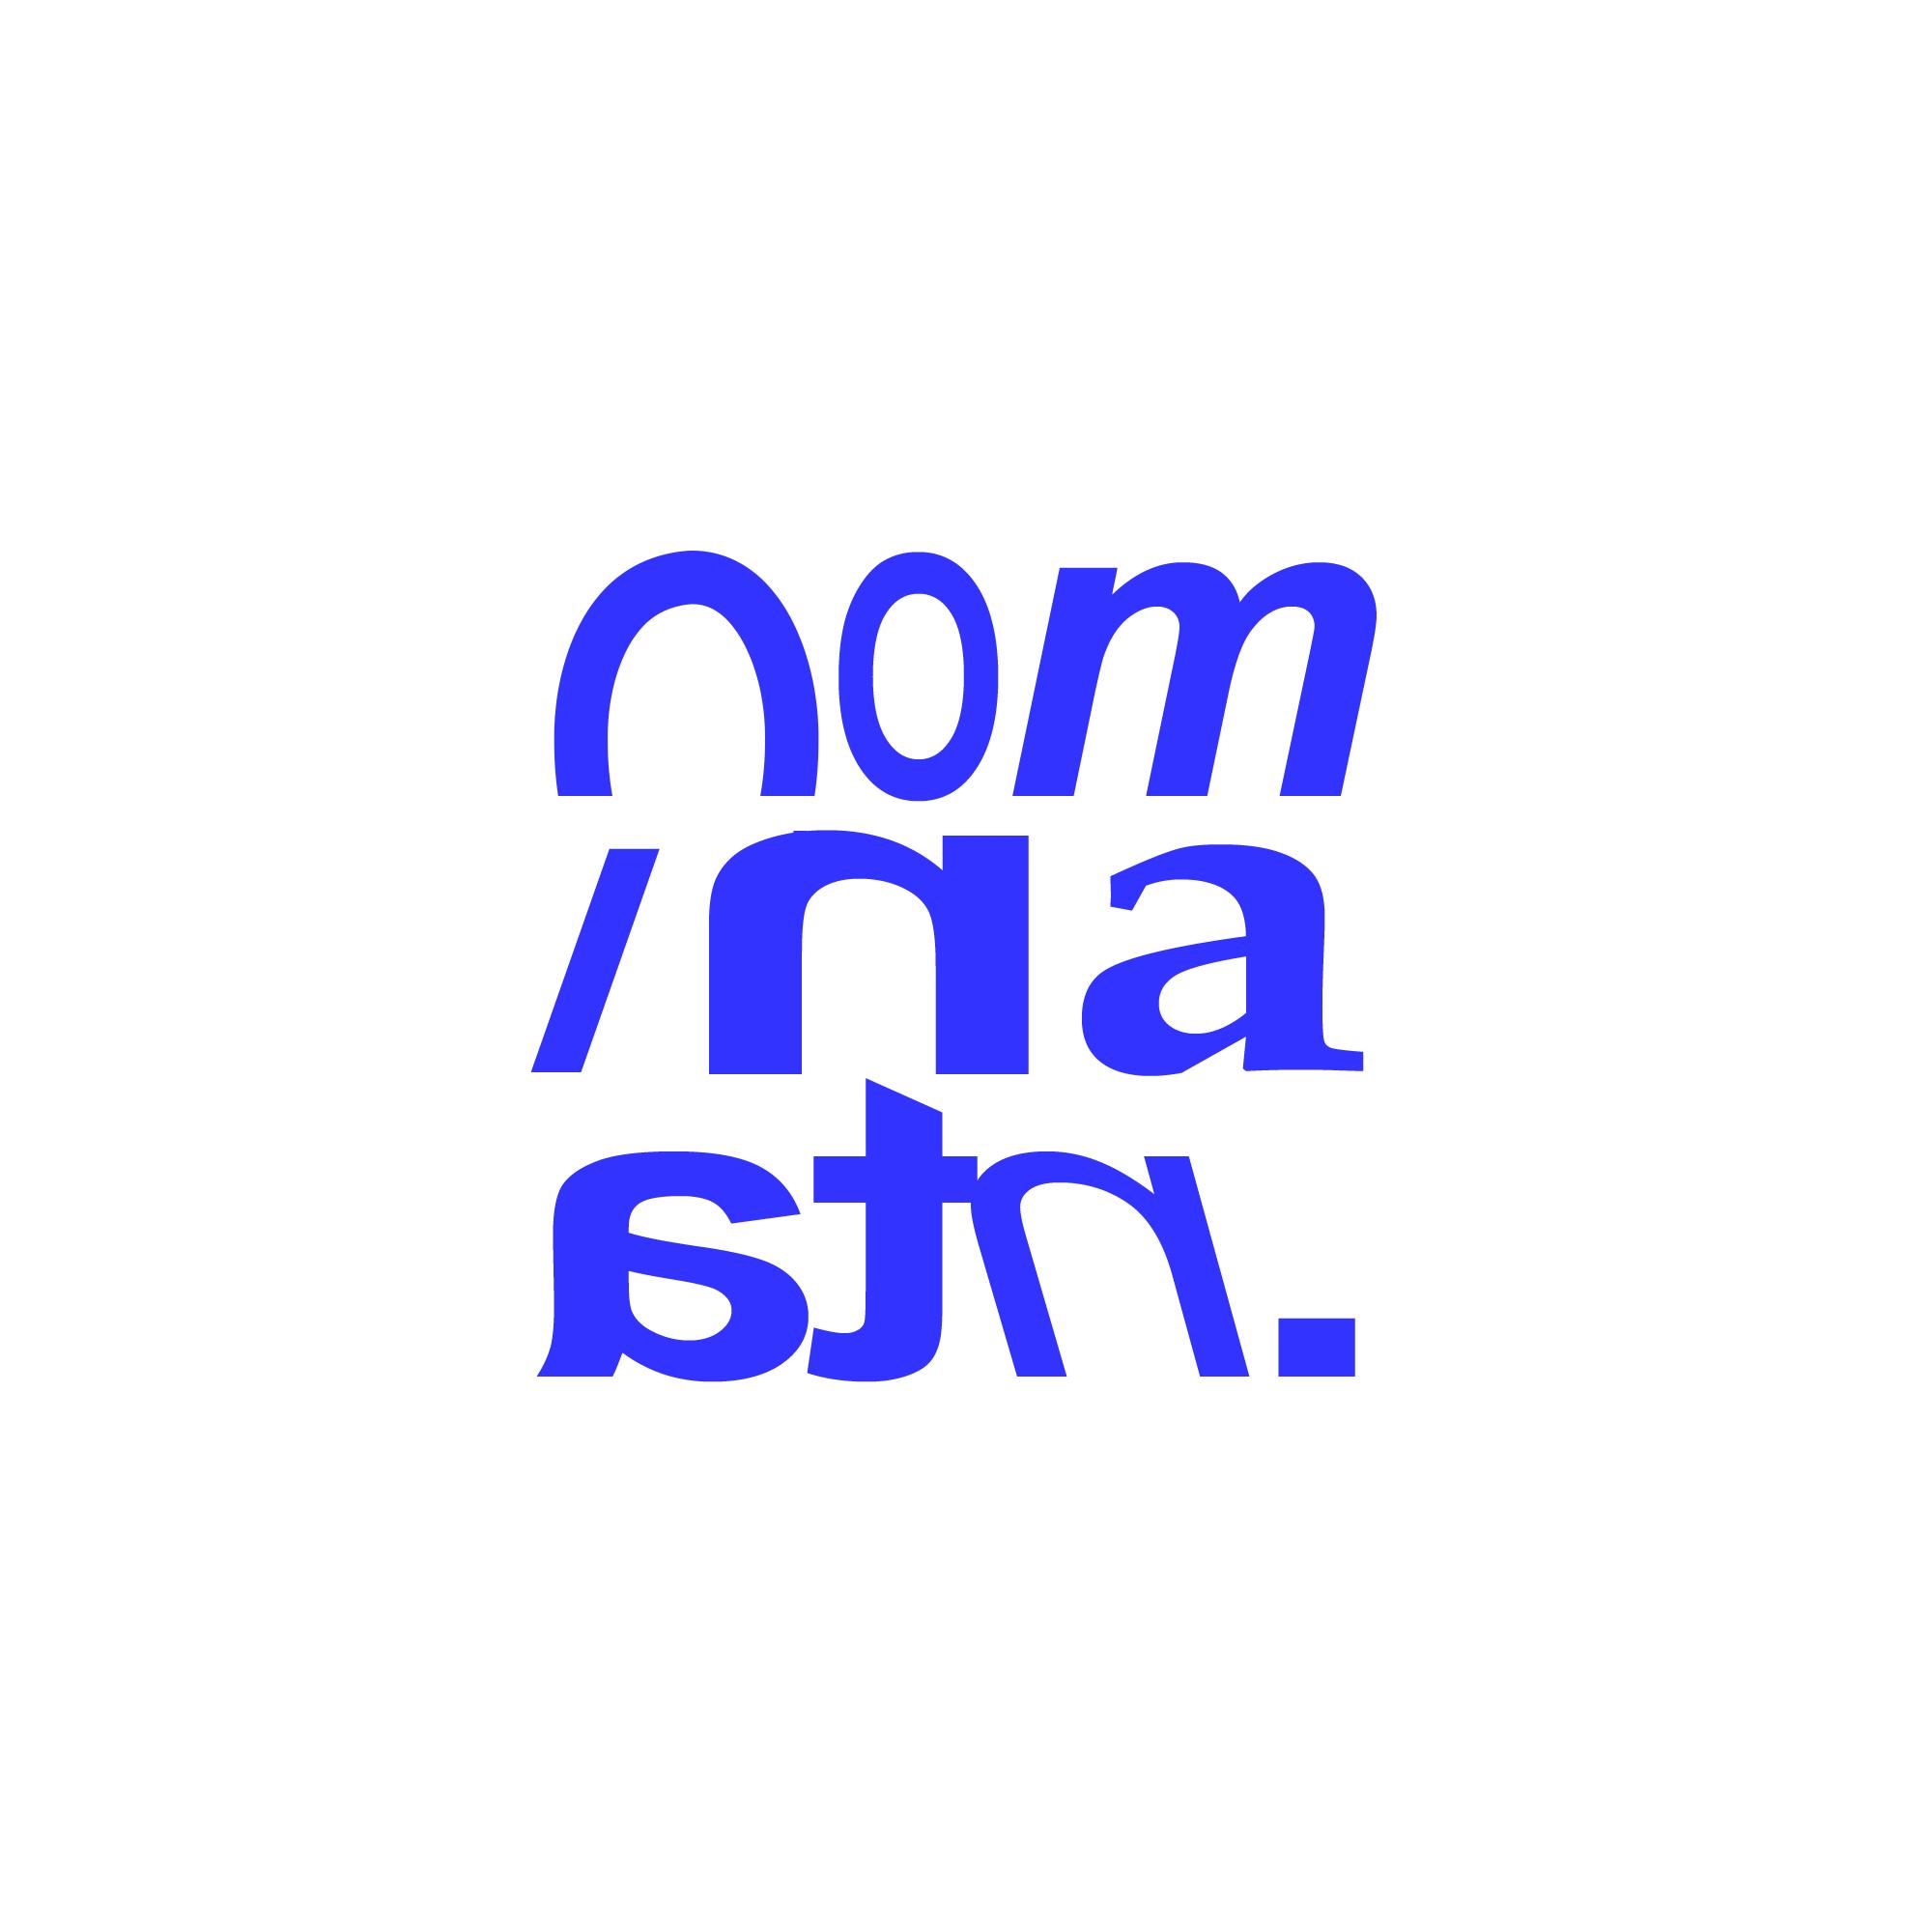 Разработать логотип для КБ по разработке электроники фото f_7365e3edd7cb361d.png